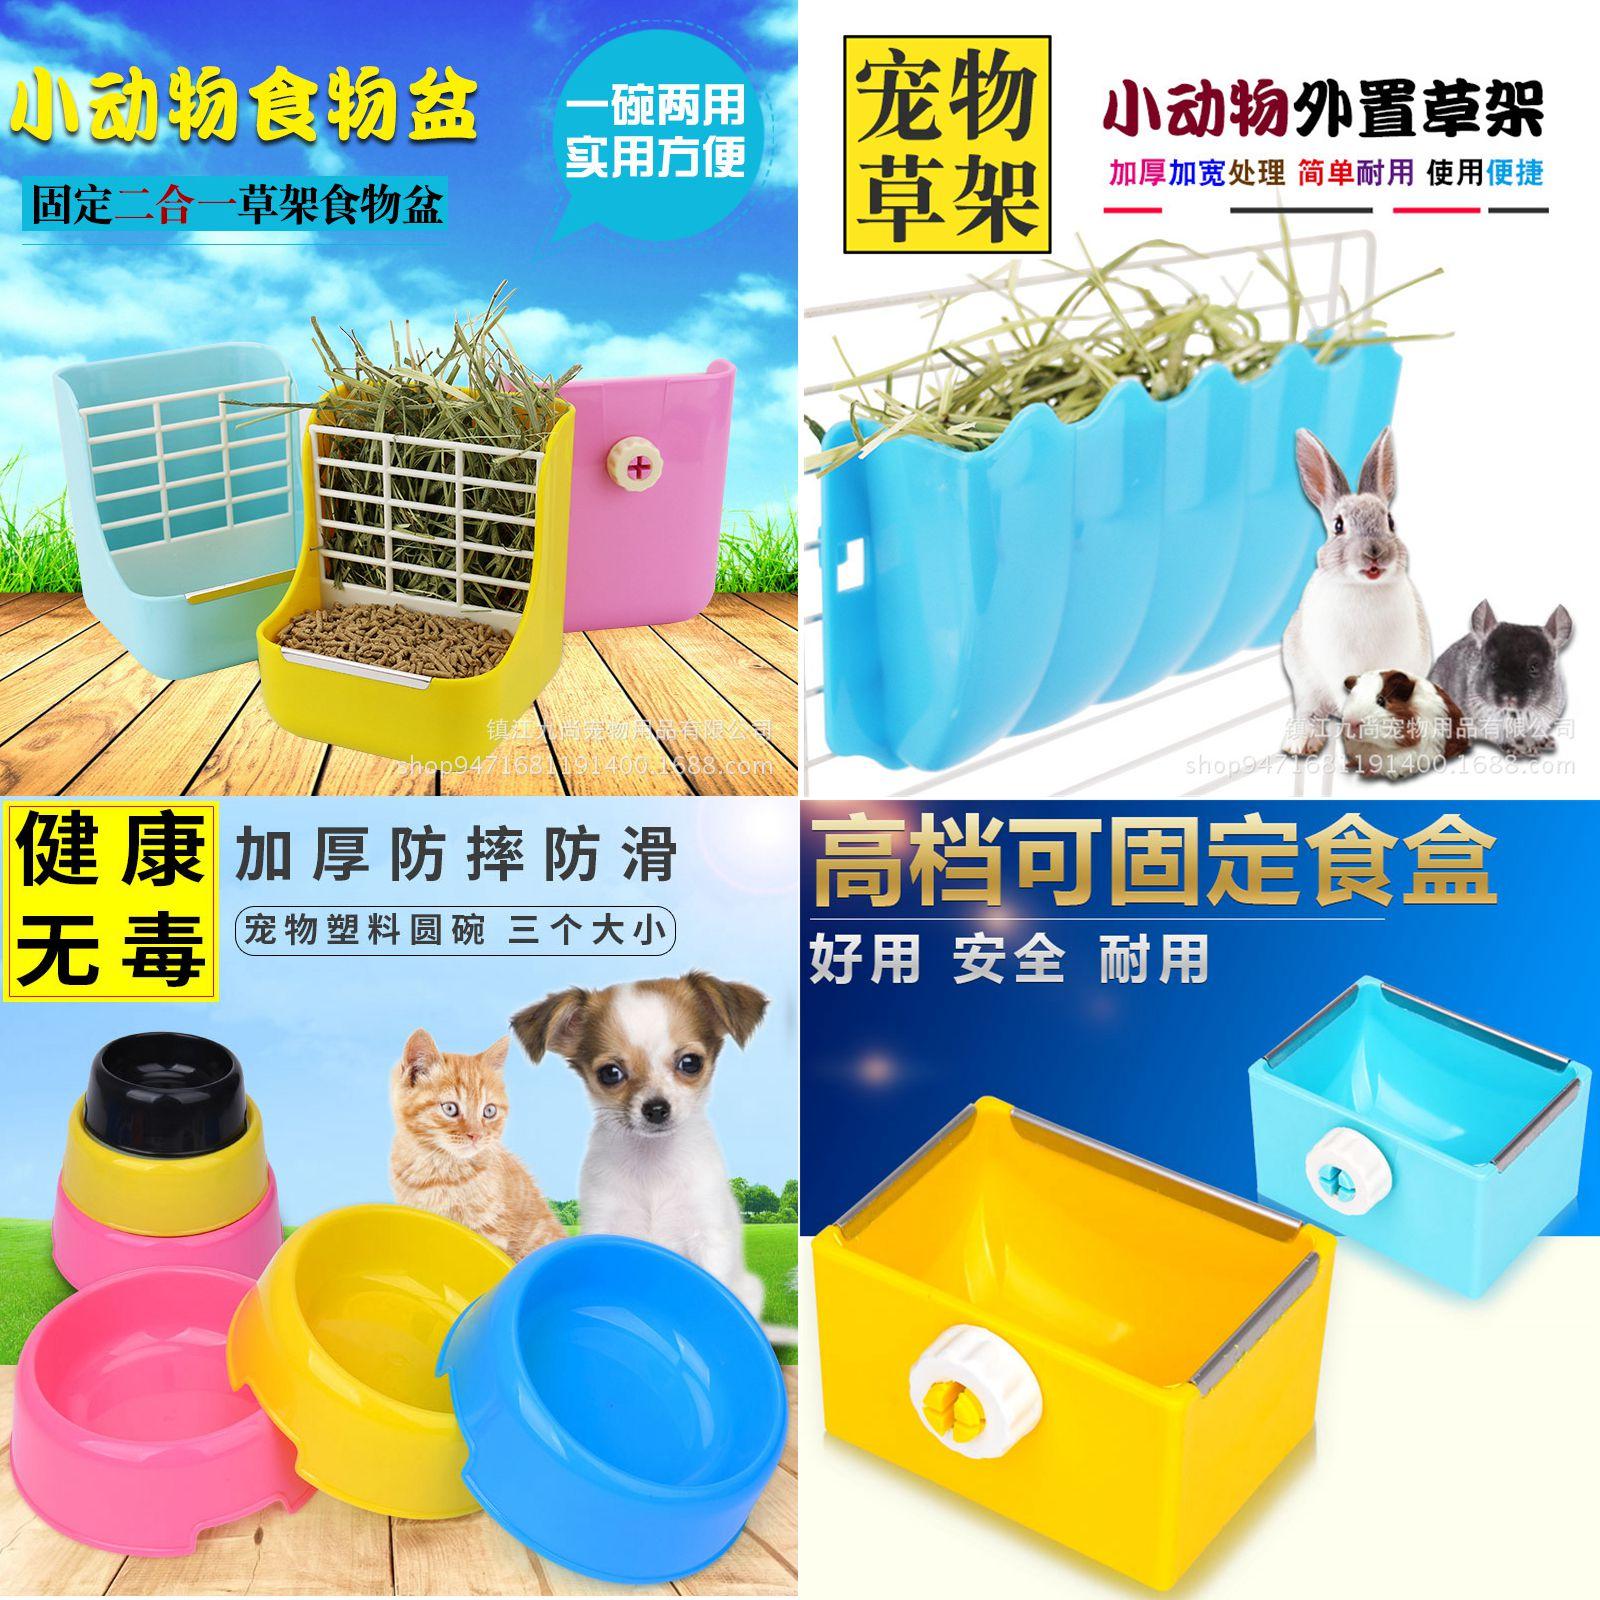 兔子食盆食盒食槽用品食具碗荷兰猪豚鼠龙猫饲料盒二合-猪饲料(载载家居专营店仅售8.95元)